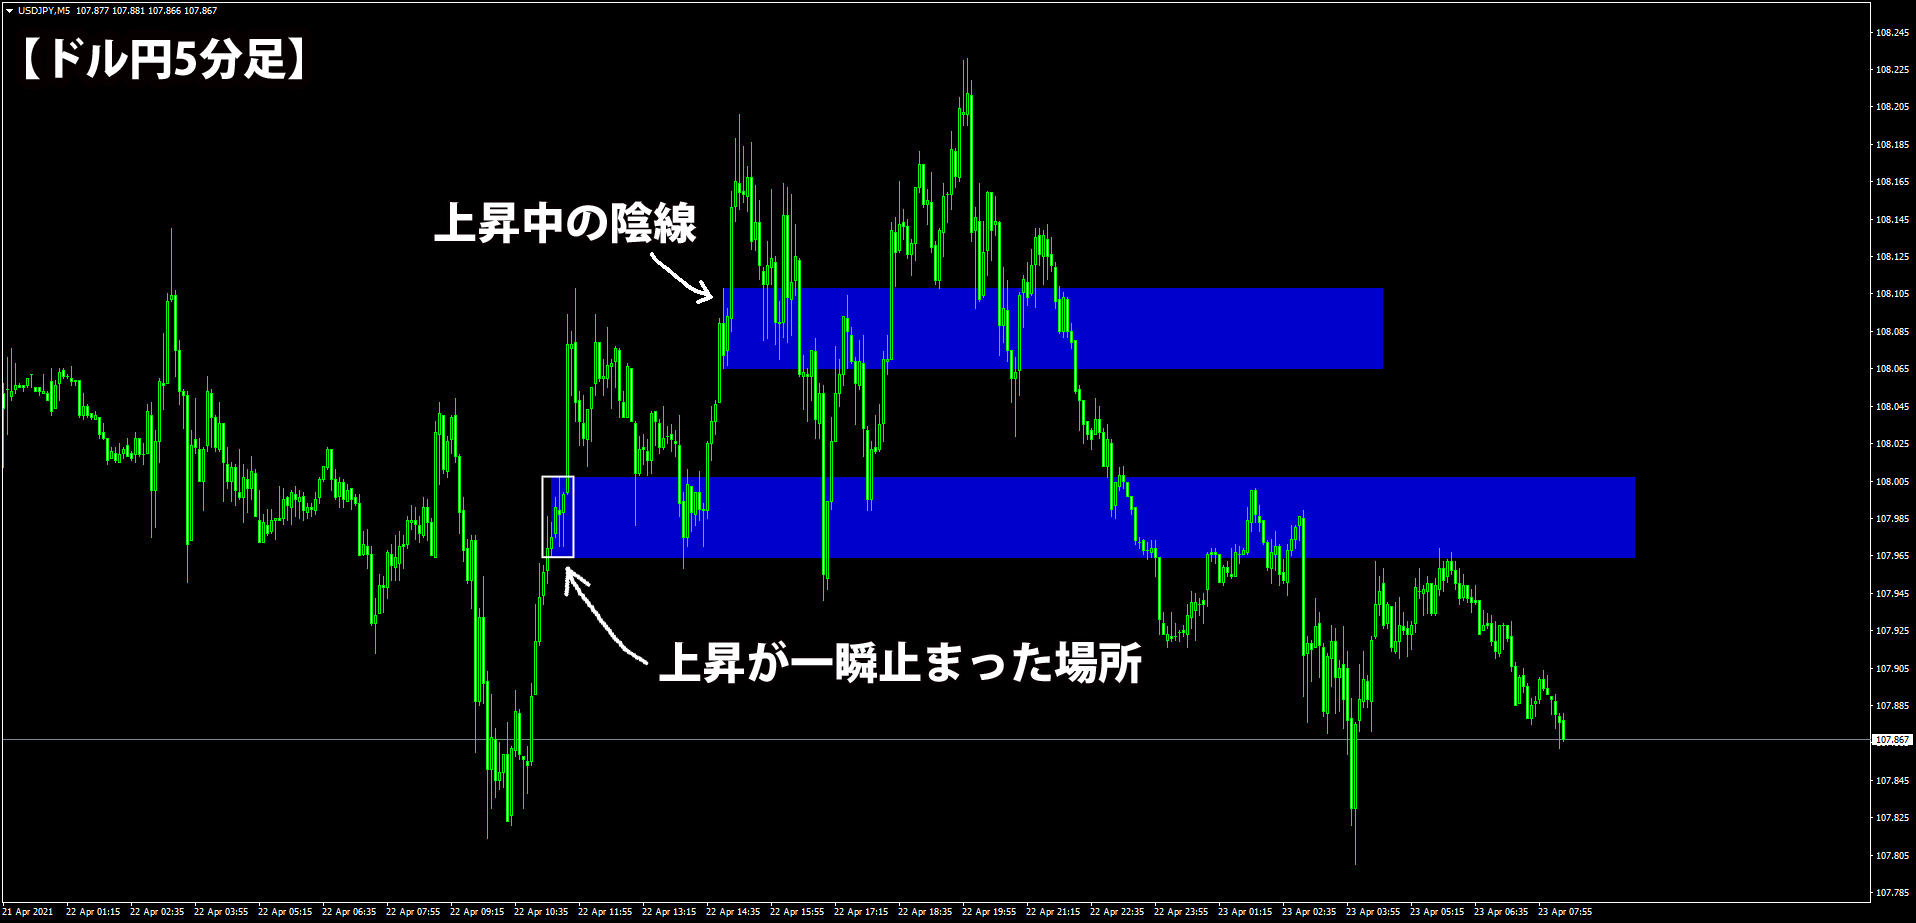 ドル円での事例